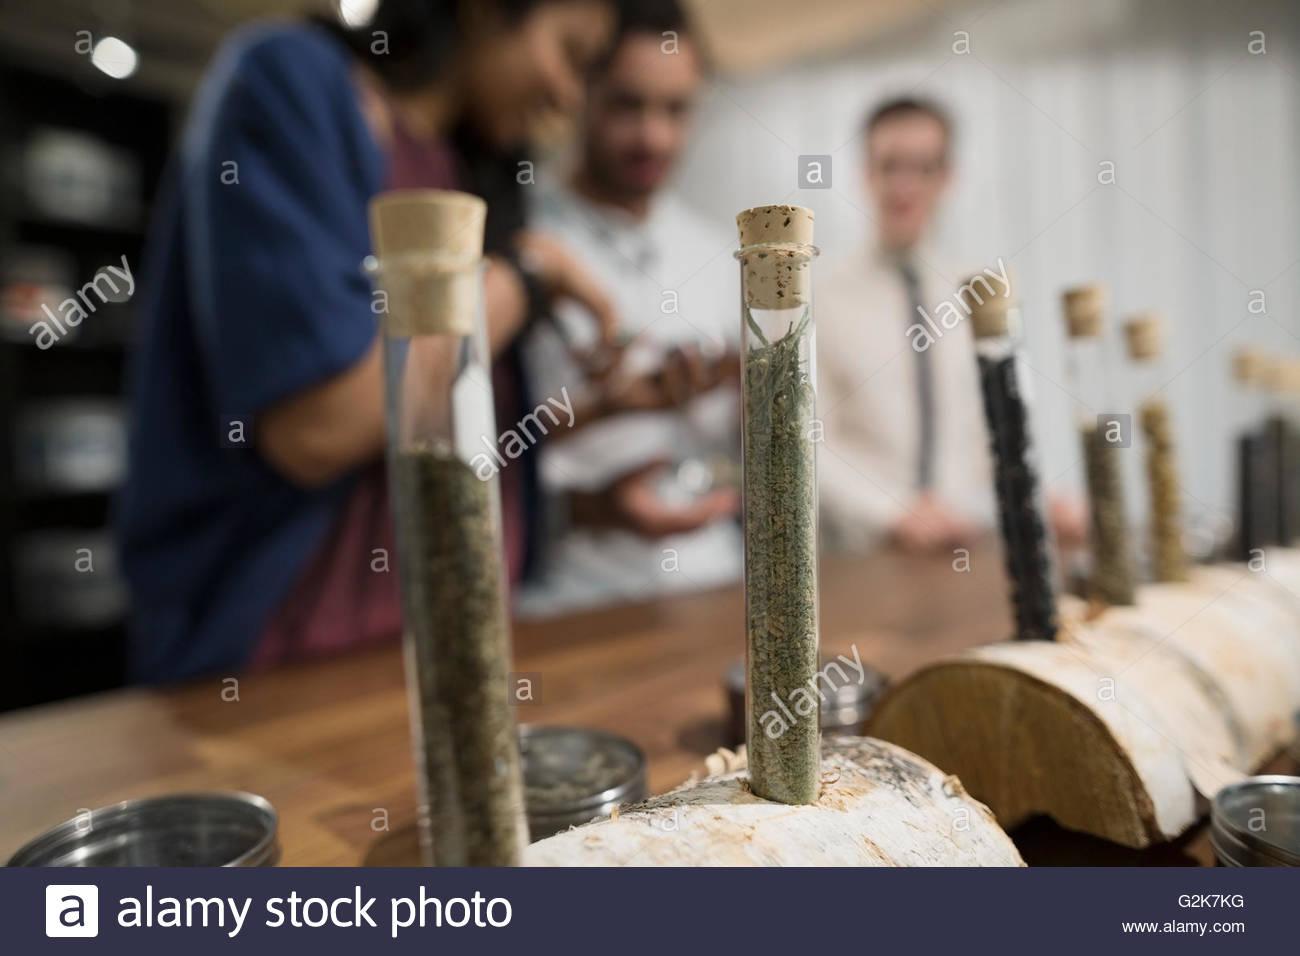 Tea leaves in vials on display in tea shop - Stock Image